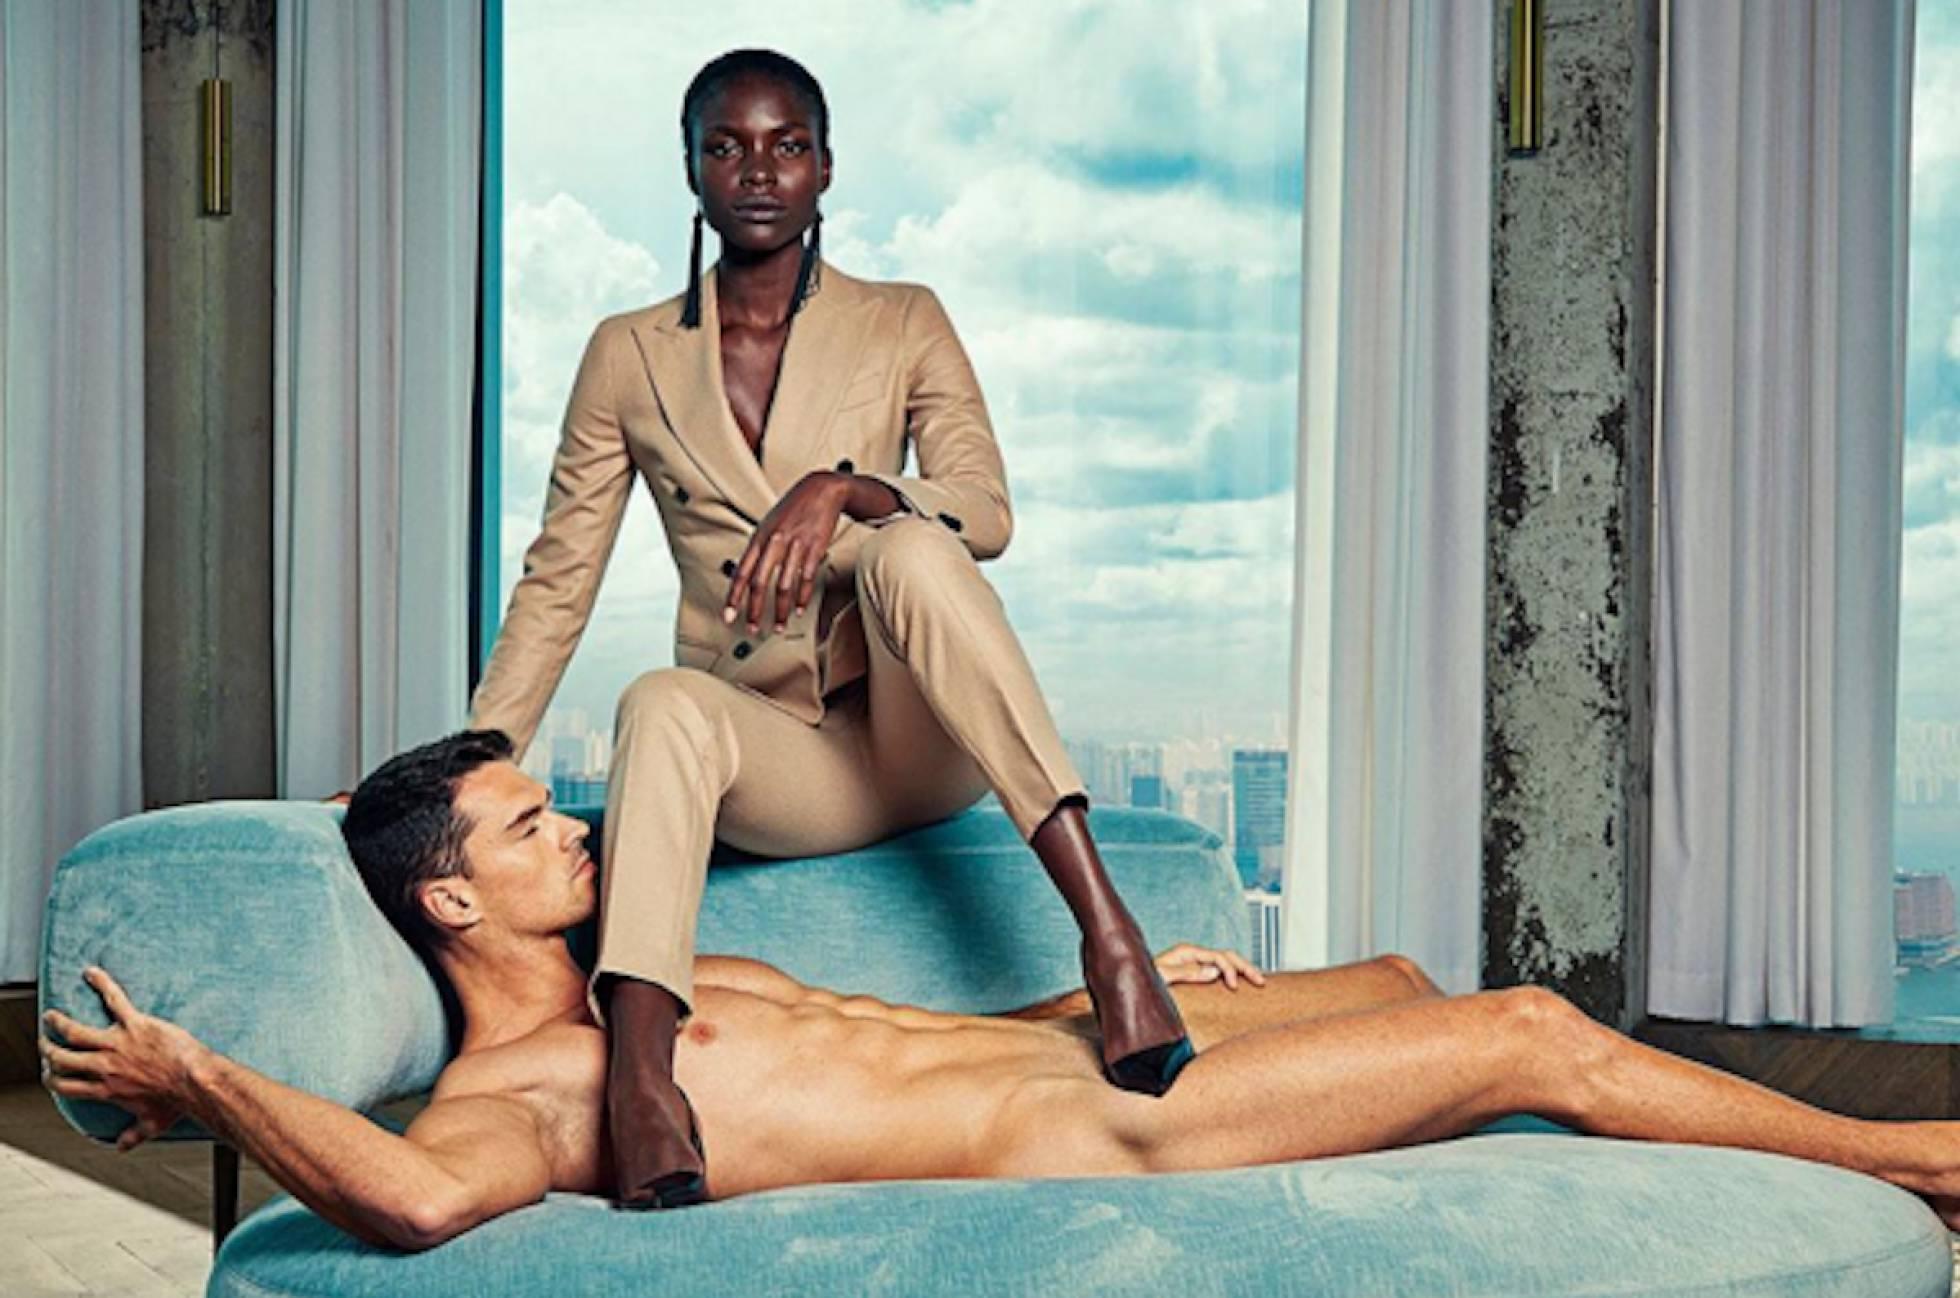 Hombres objeto y mujeres con traje: la campaña que responde al machismo en la publicidad